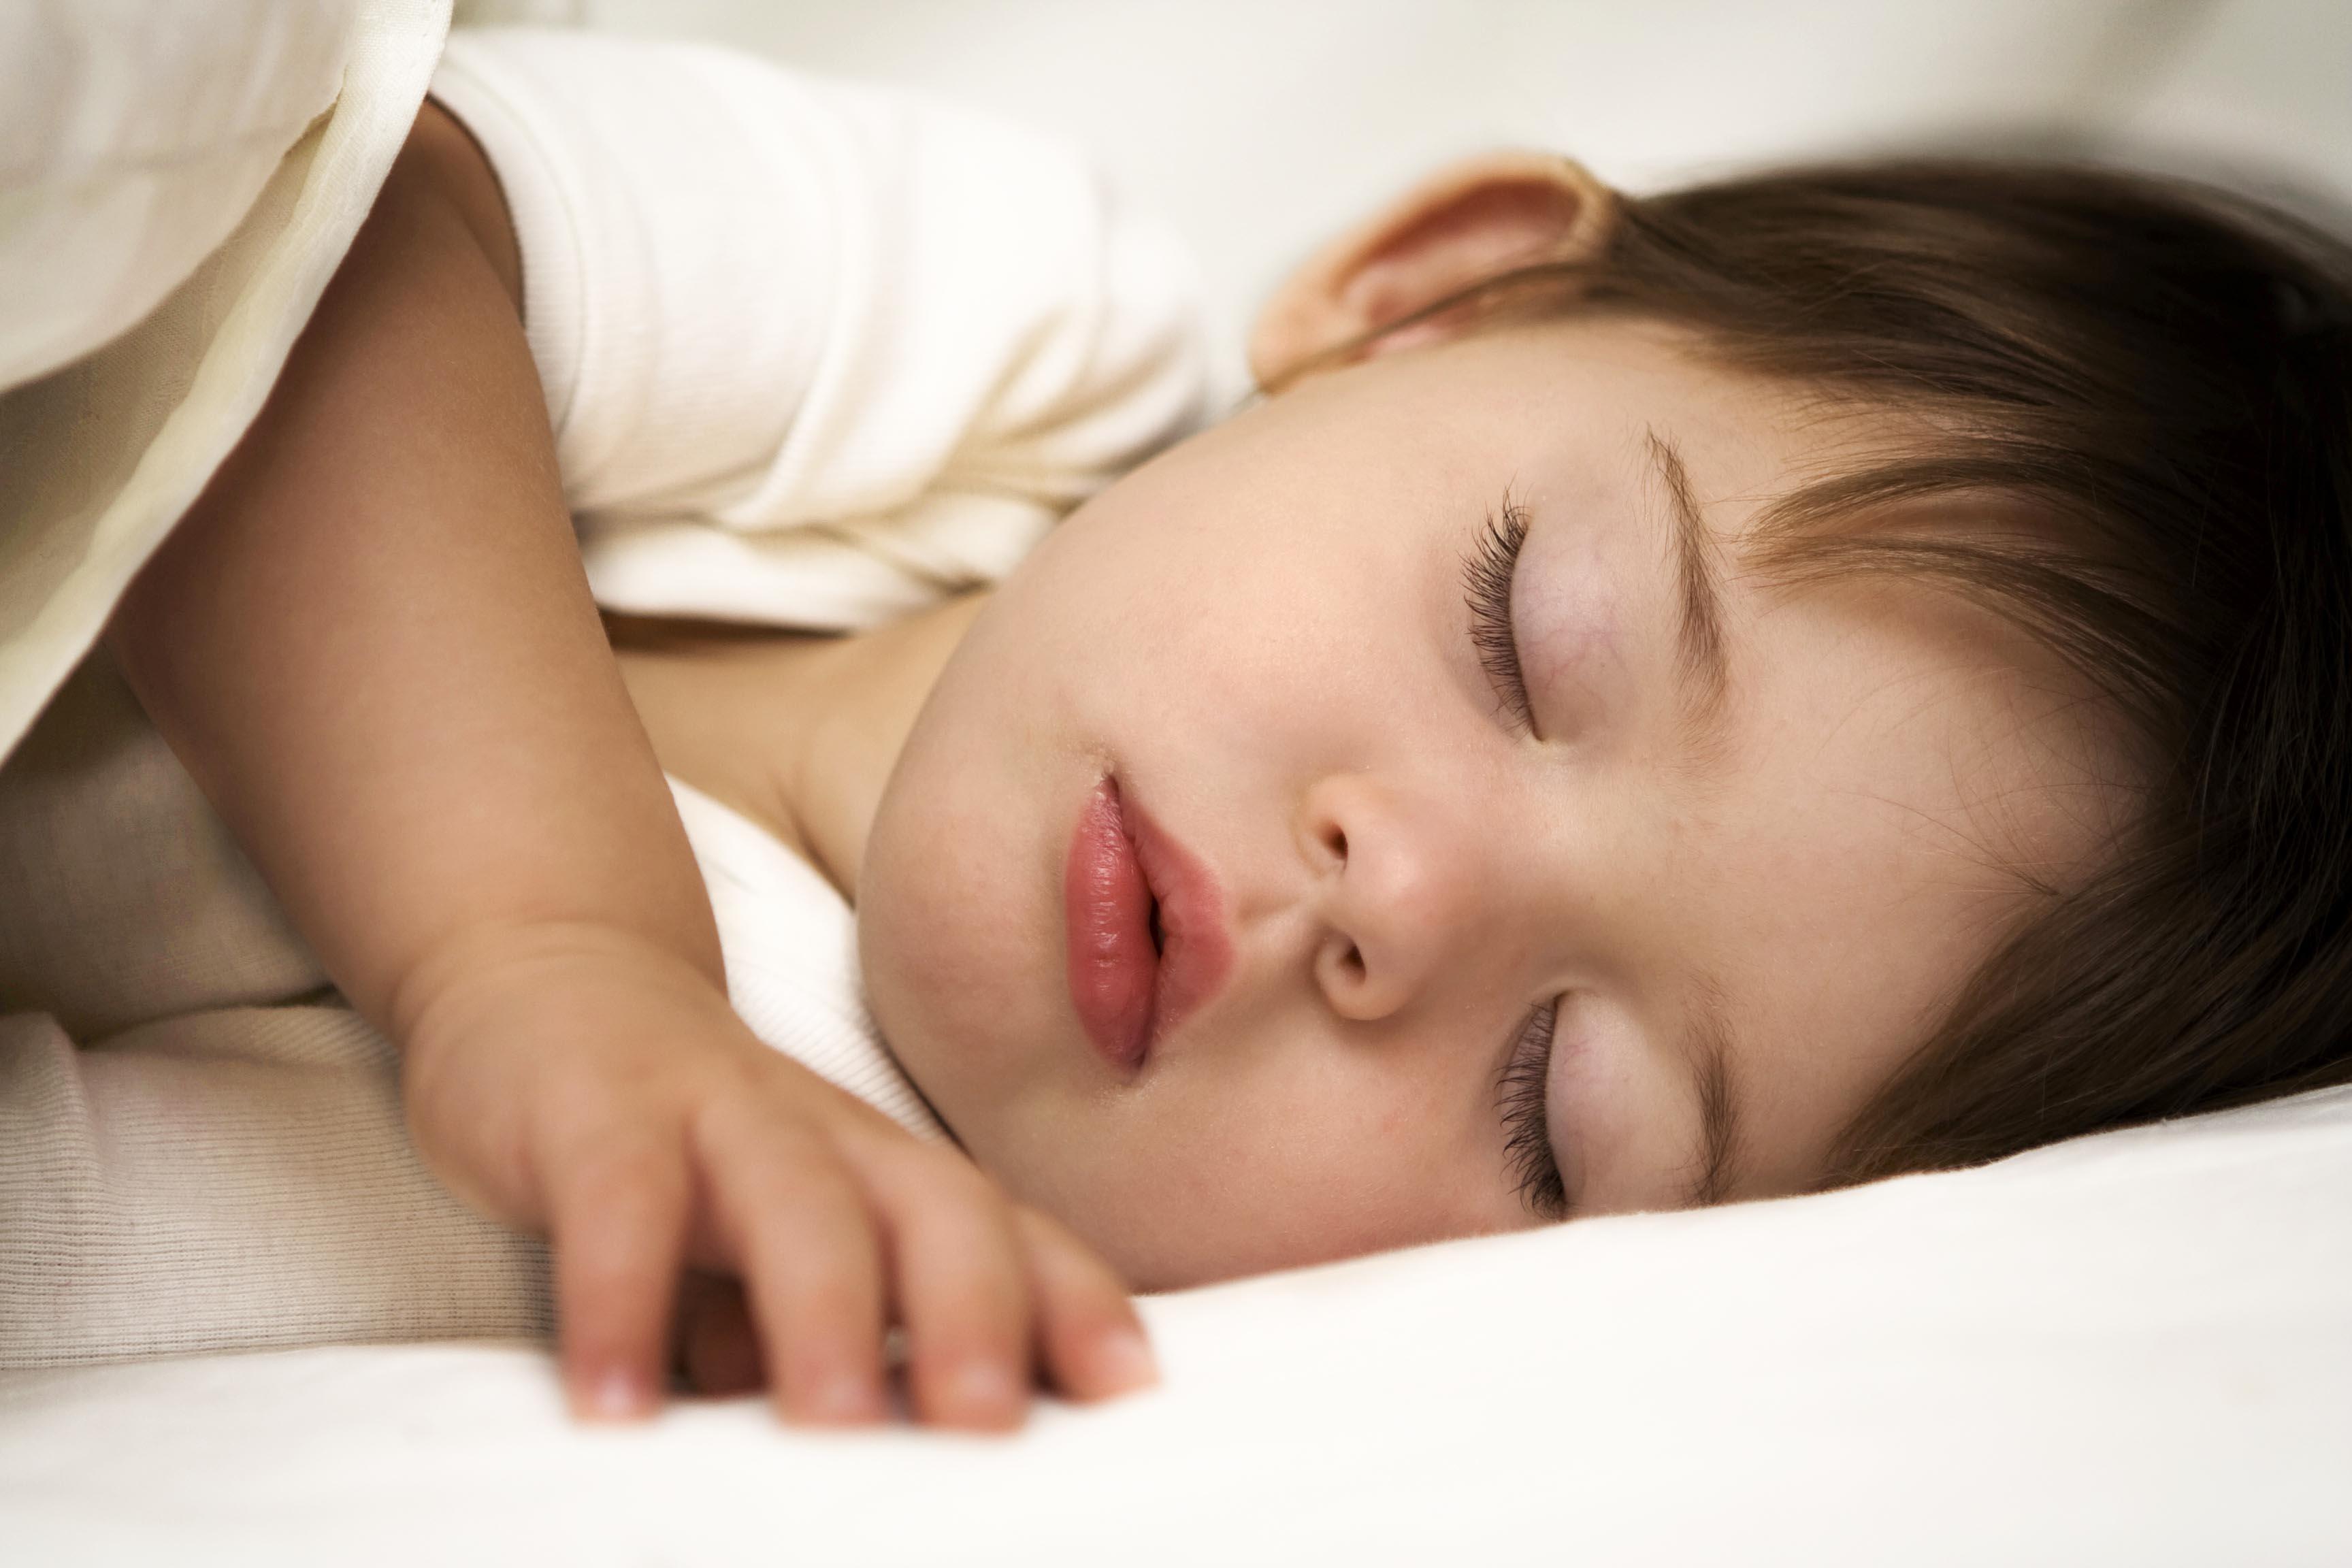 niño_durmiendo.jpg